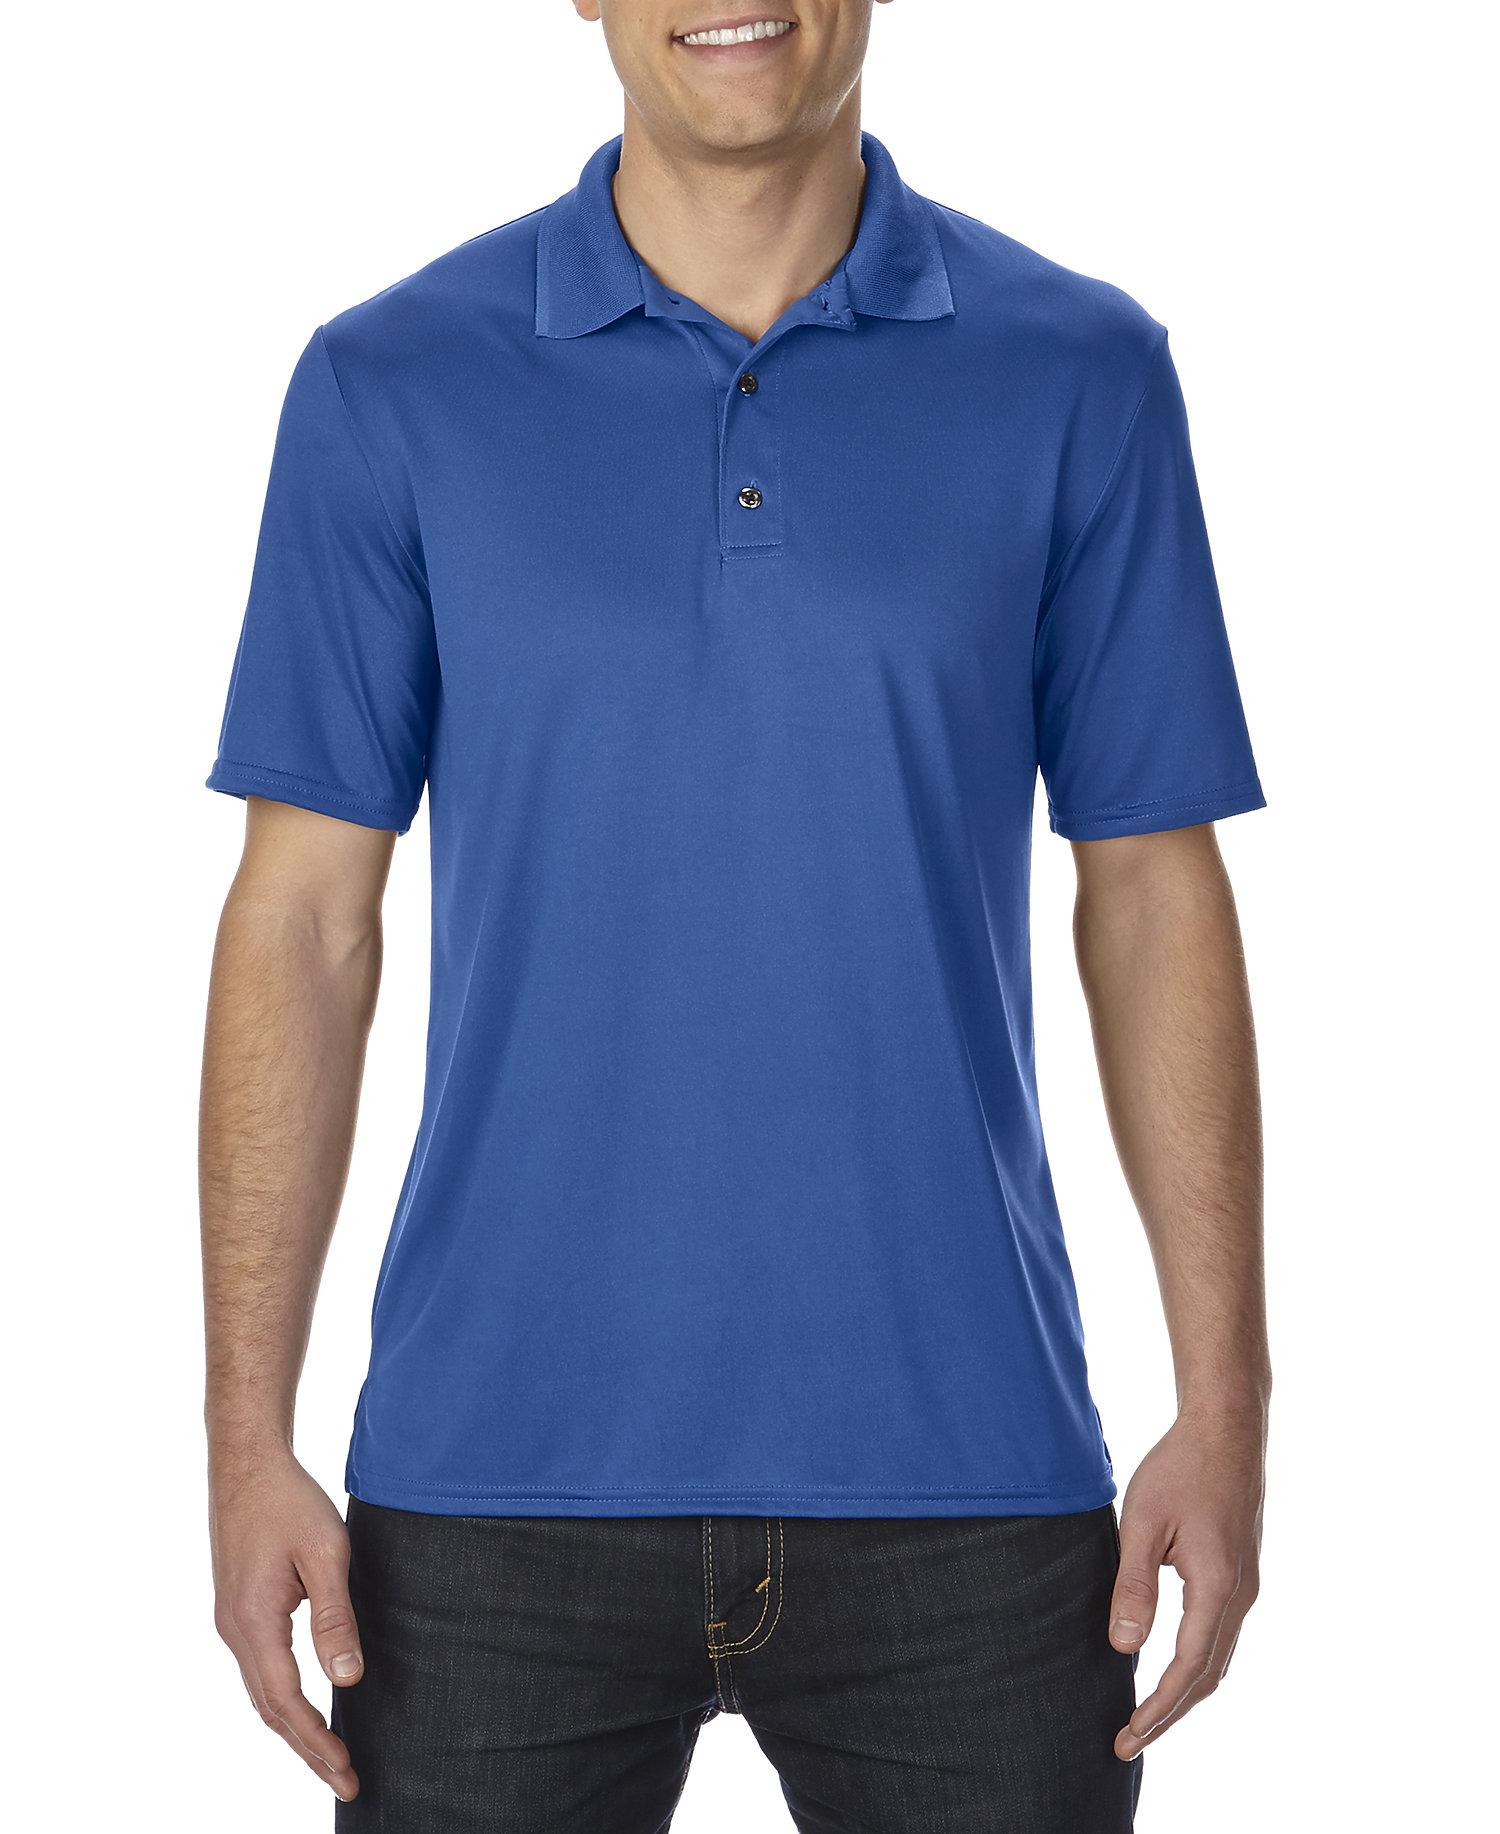 bd759d4b084 Gildan 44800 - Performance Jersey Sport Shirt   Needen USA